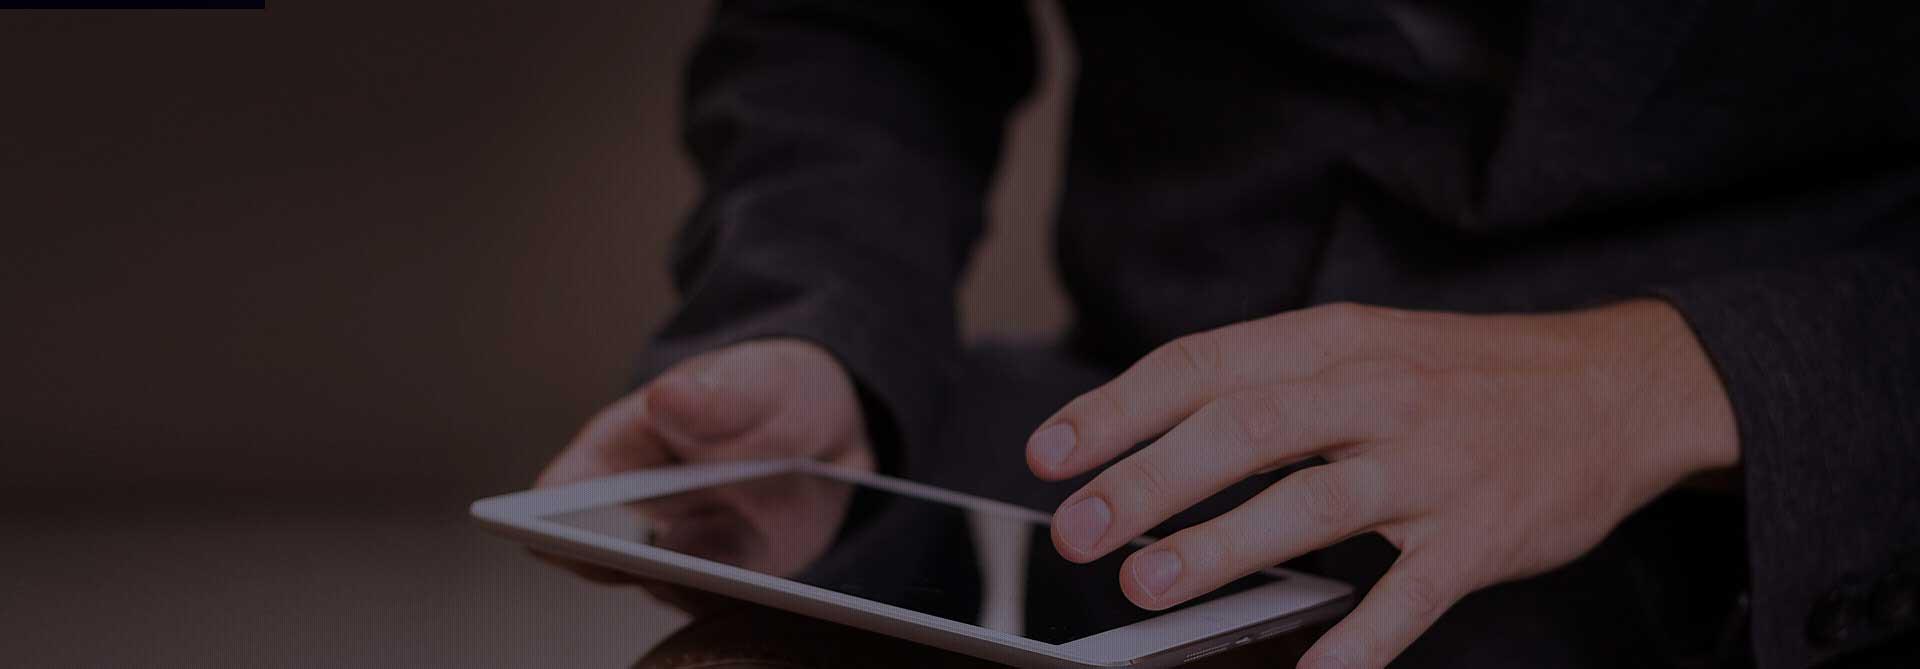 杭州杭楷科技有限公司,5年专注杭州app开发定制外包服务